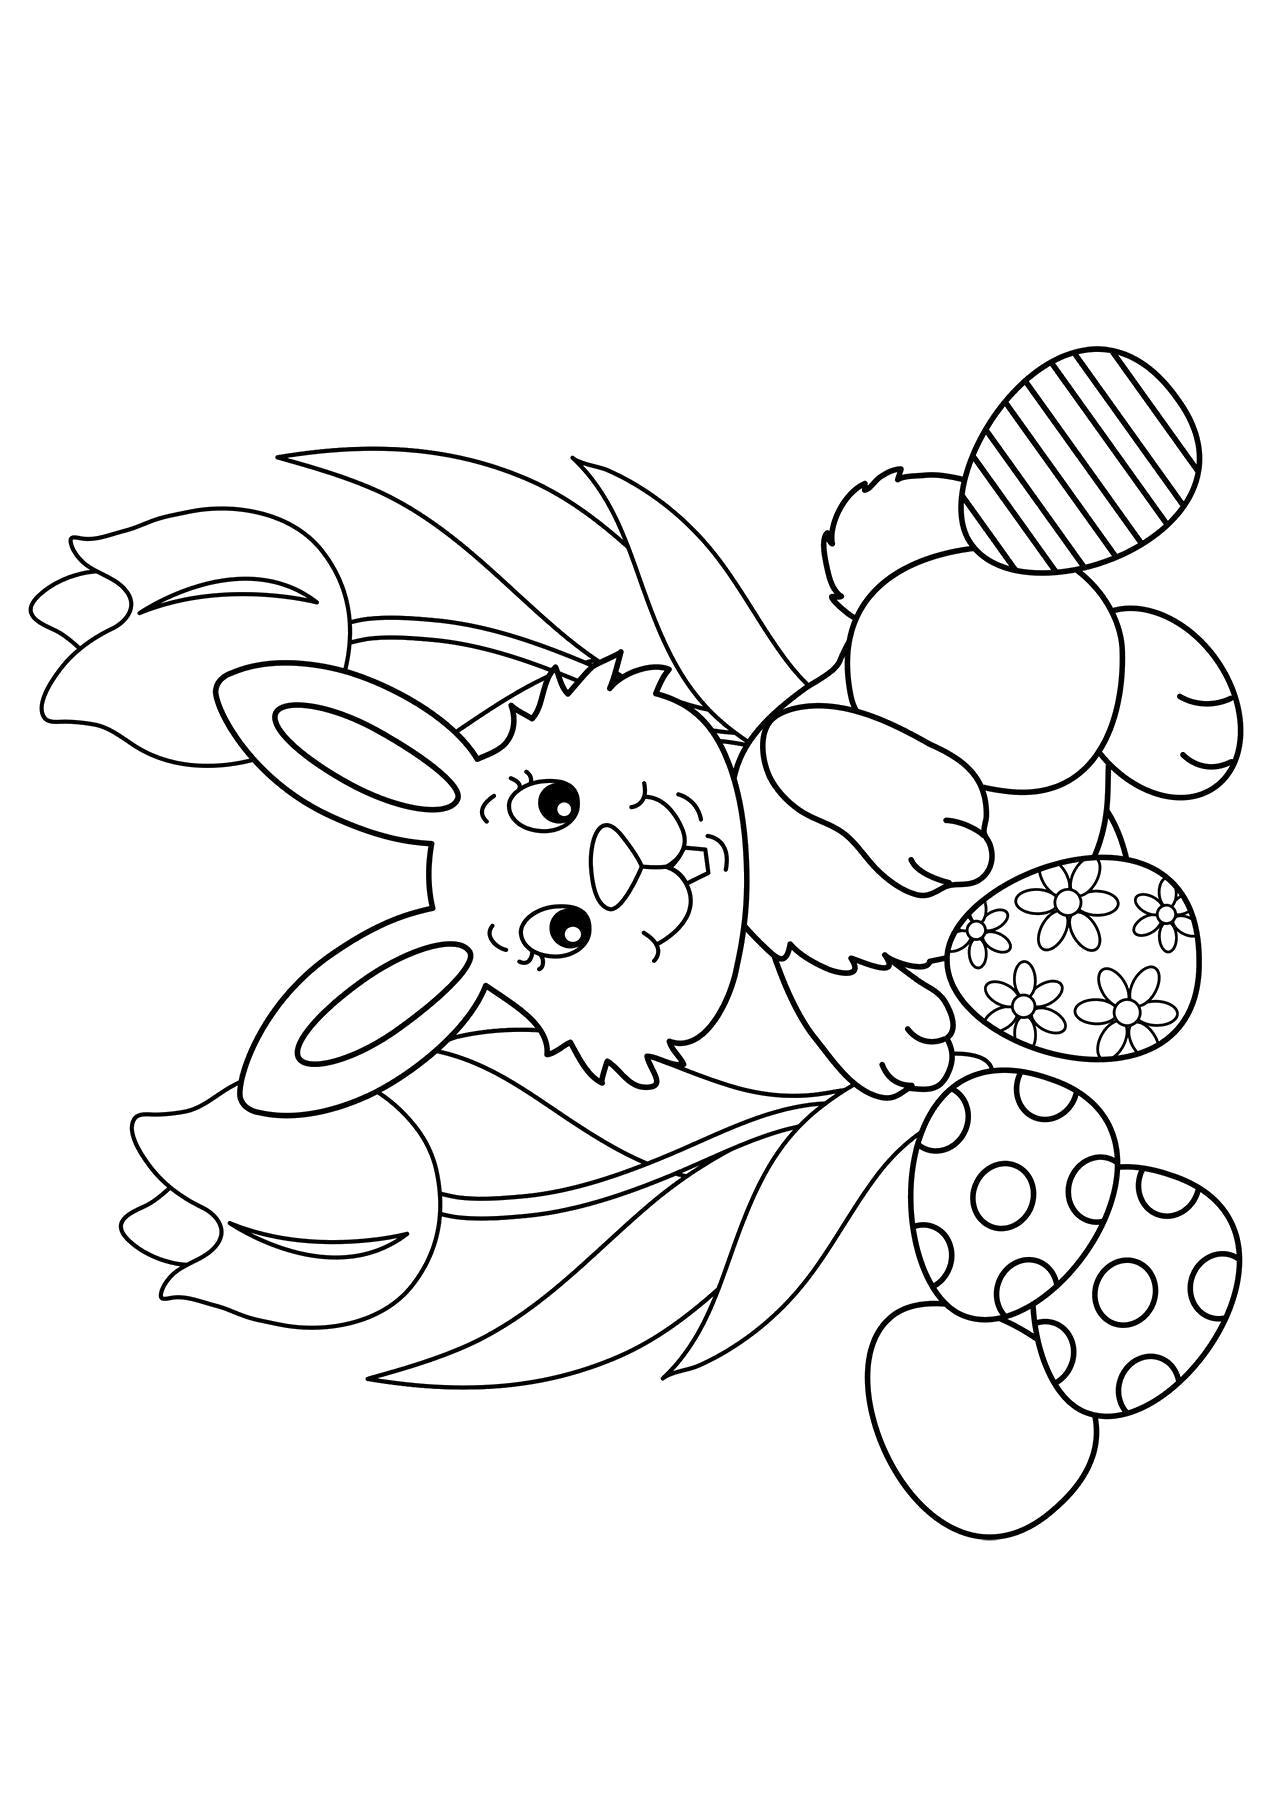 Раскраска  Яйца.  Пасхальные яйца, раскрашенные яйца, яйца к пасхе, картинка пасха. Скачать Пасха.  Распечатать Пасха